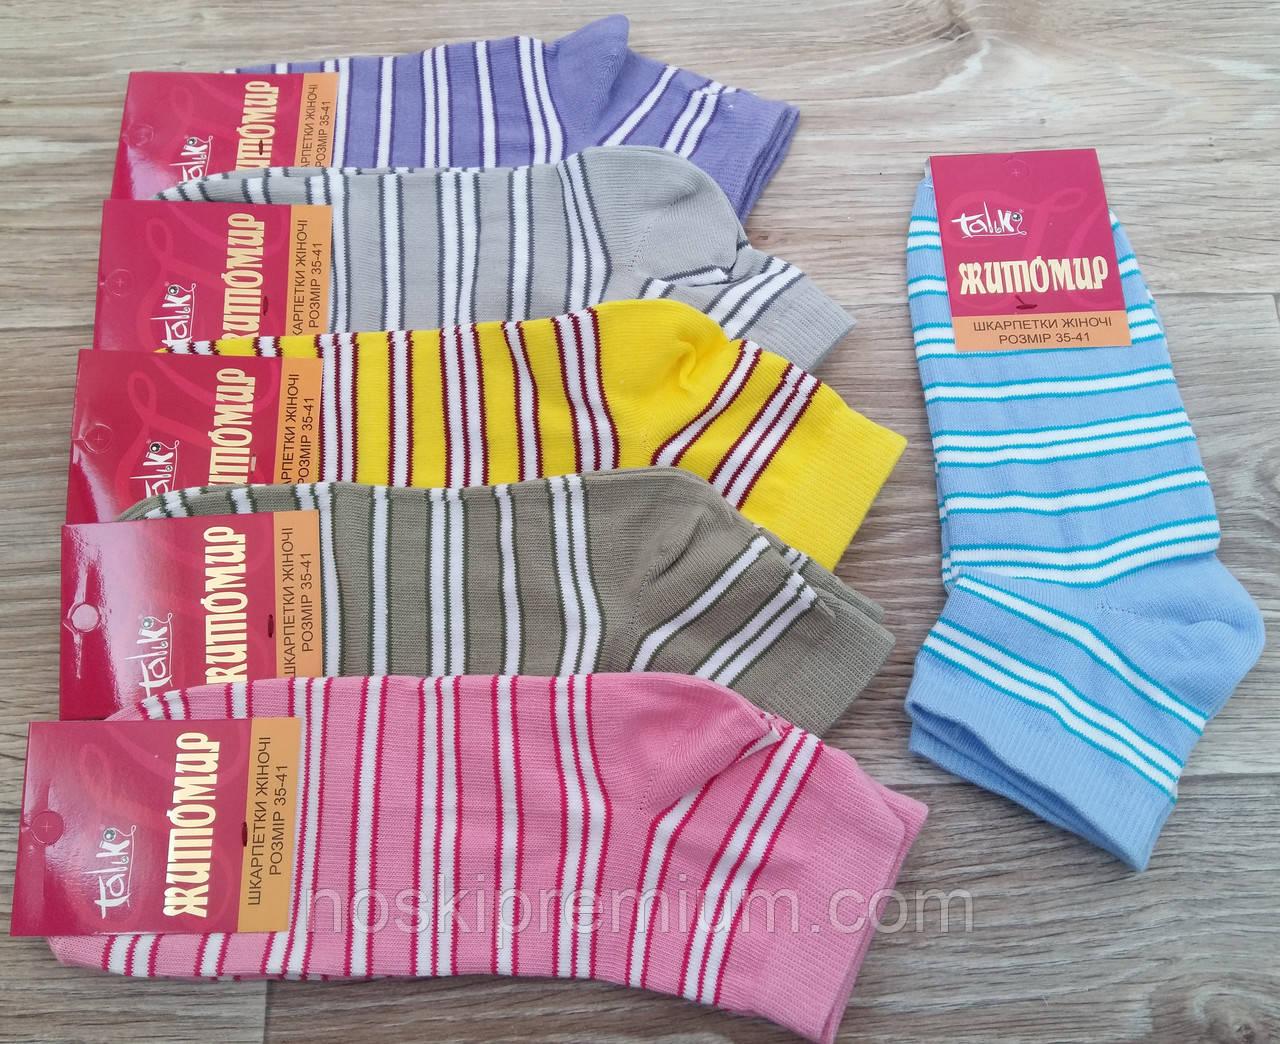 Носки женские демисезонные х/б Талько, 23-25 размер, ассорти, 21031